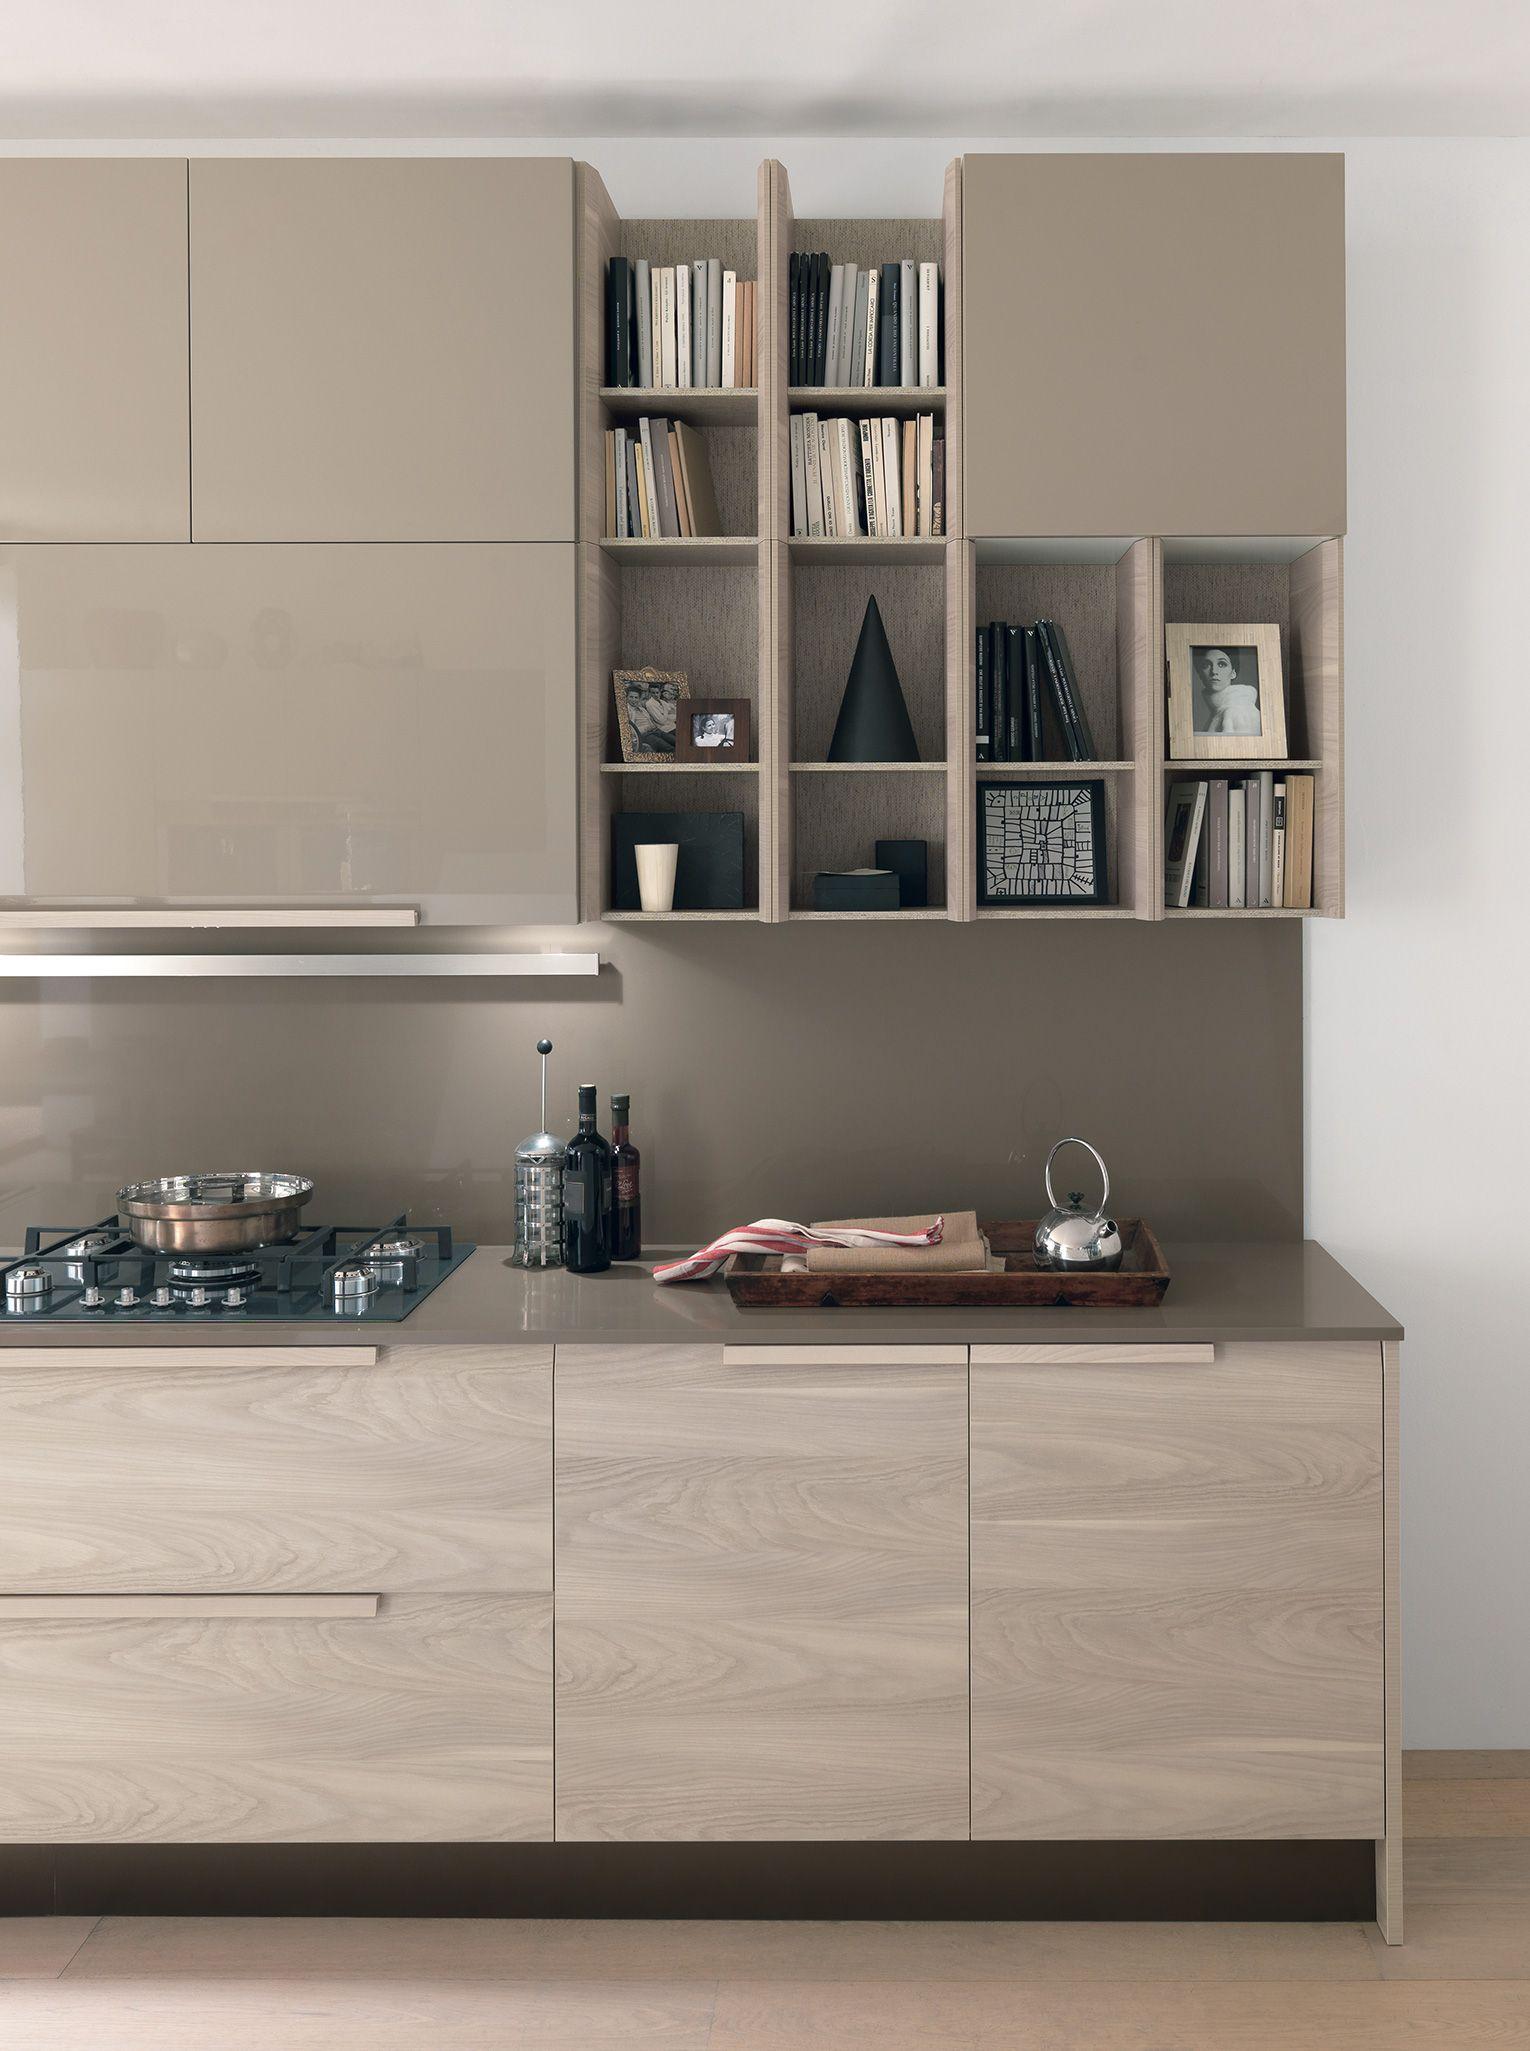 Кухня Febal Chantal 3 in 2019 | Haus | Kitchen, Kitchen ...